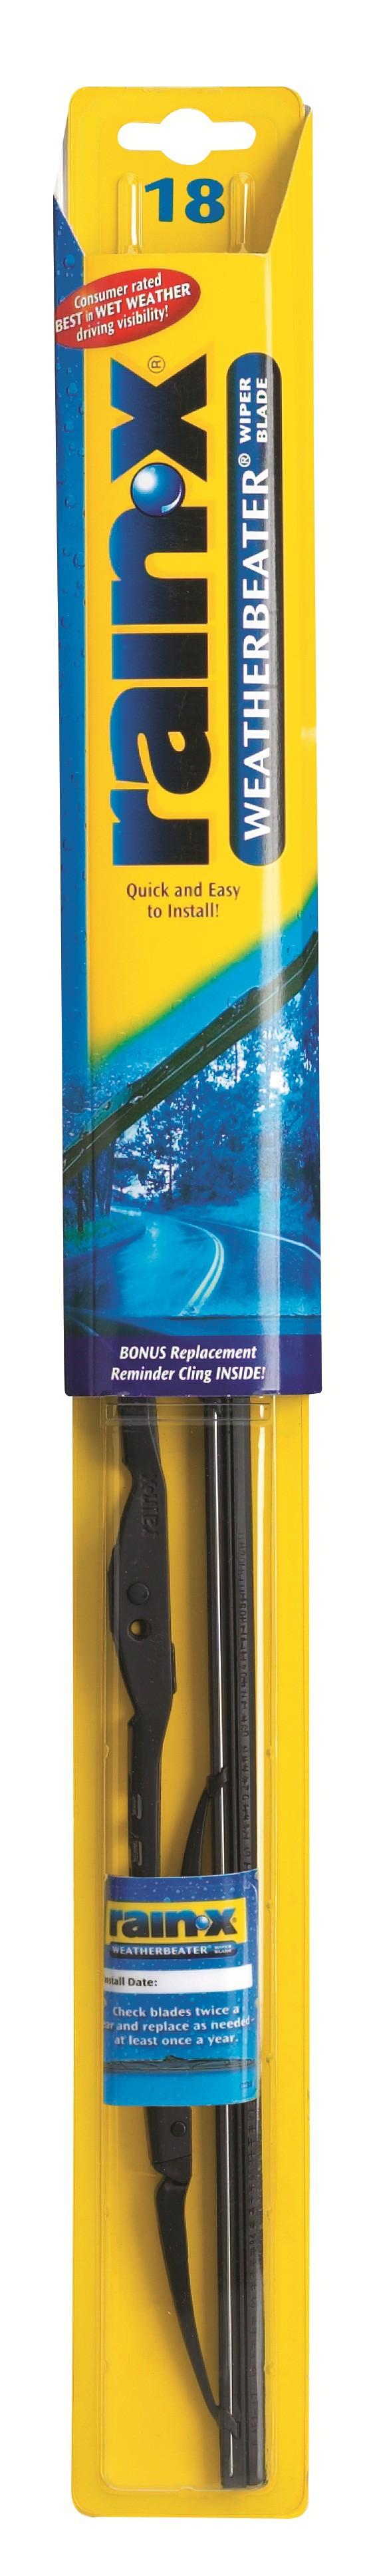 RAIN X - US Weatherbeater Wiper Blade - RNX RX30218